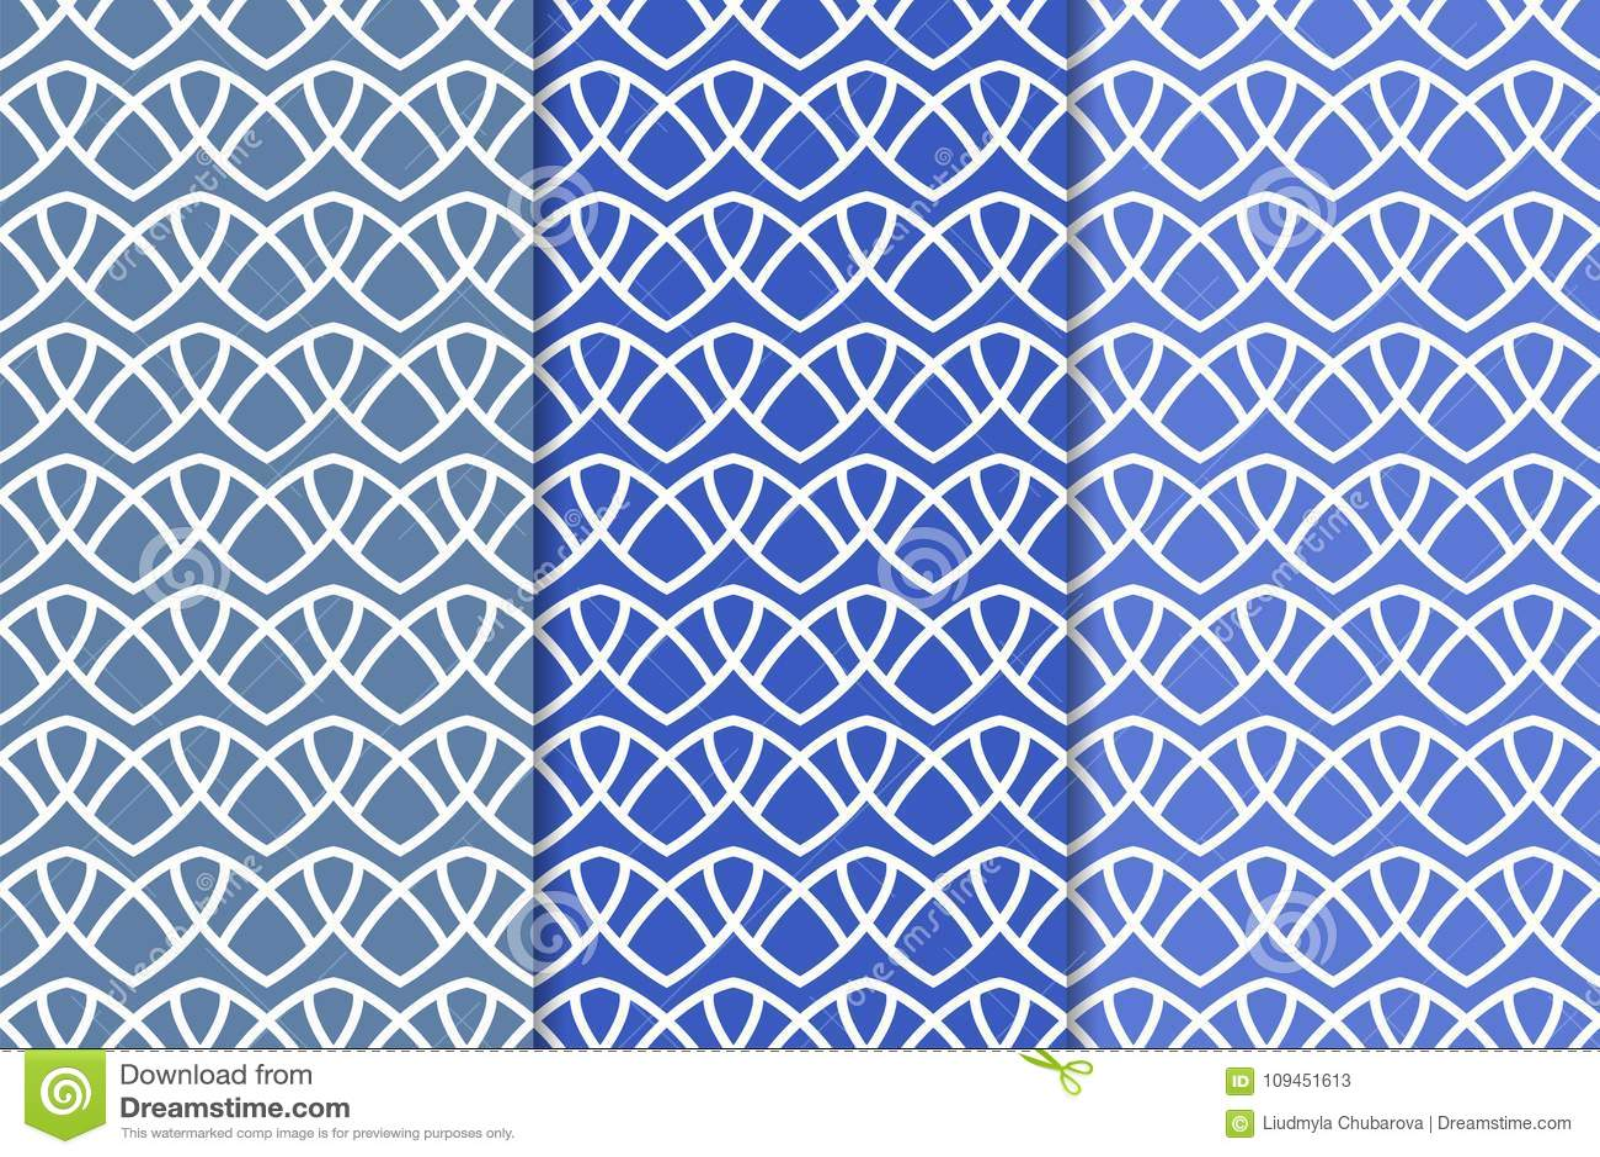 Голубые геометрические орнаменты делает по образцу безшовный комплект